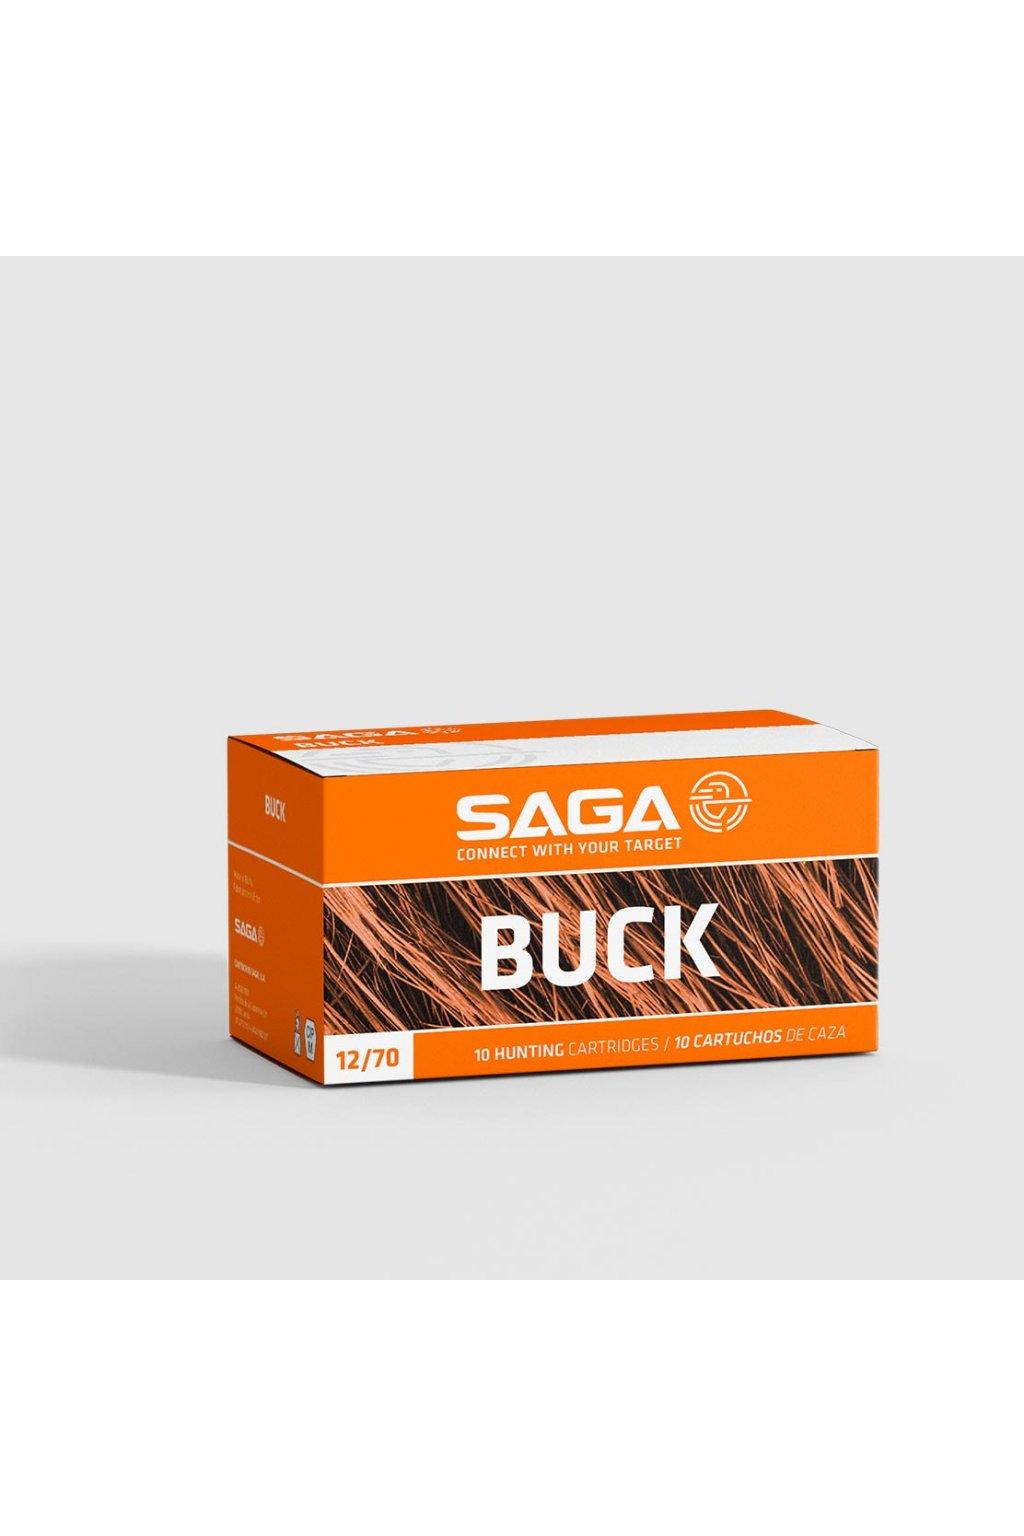 BUCK 1112 X 1112